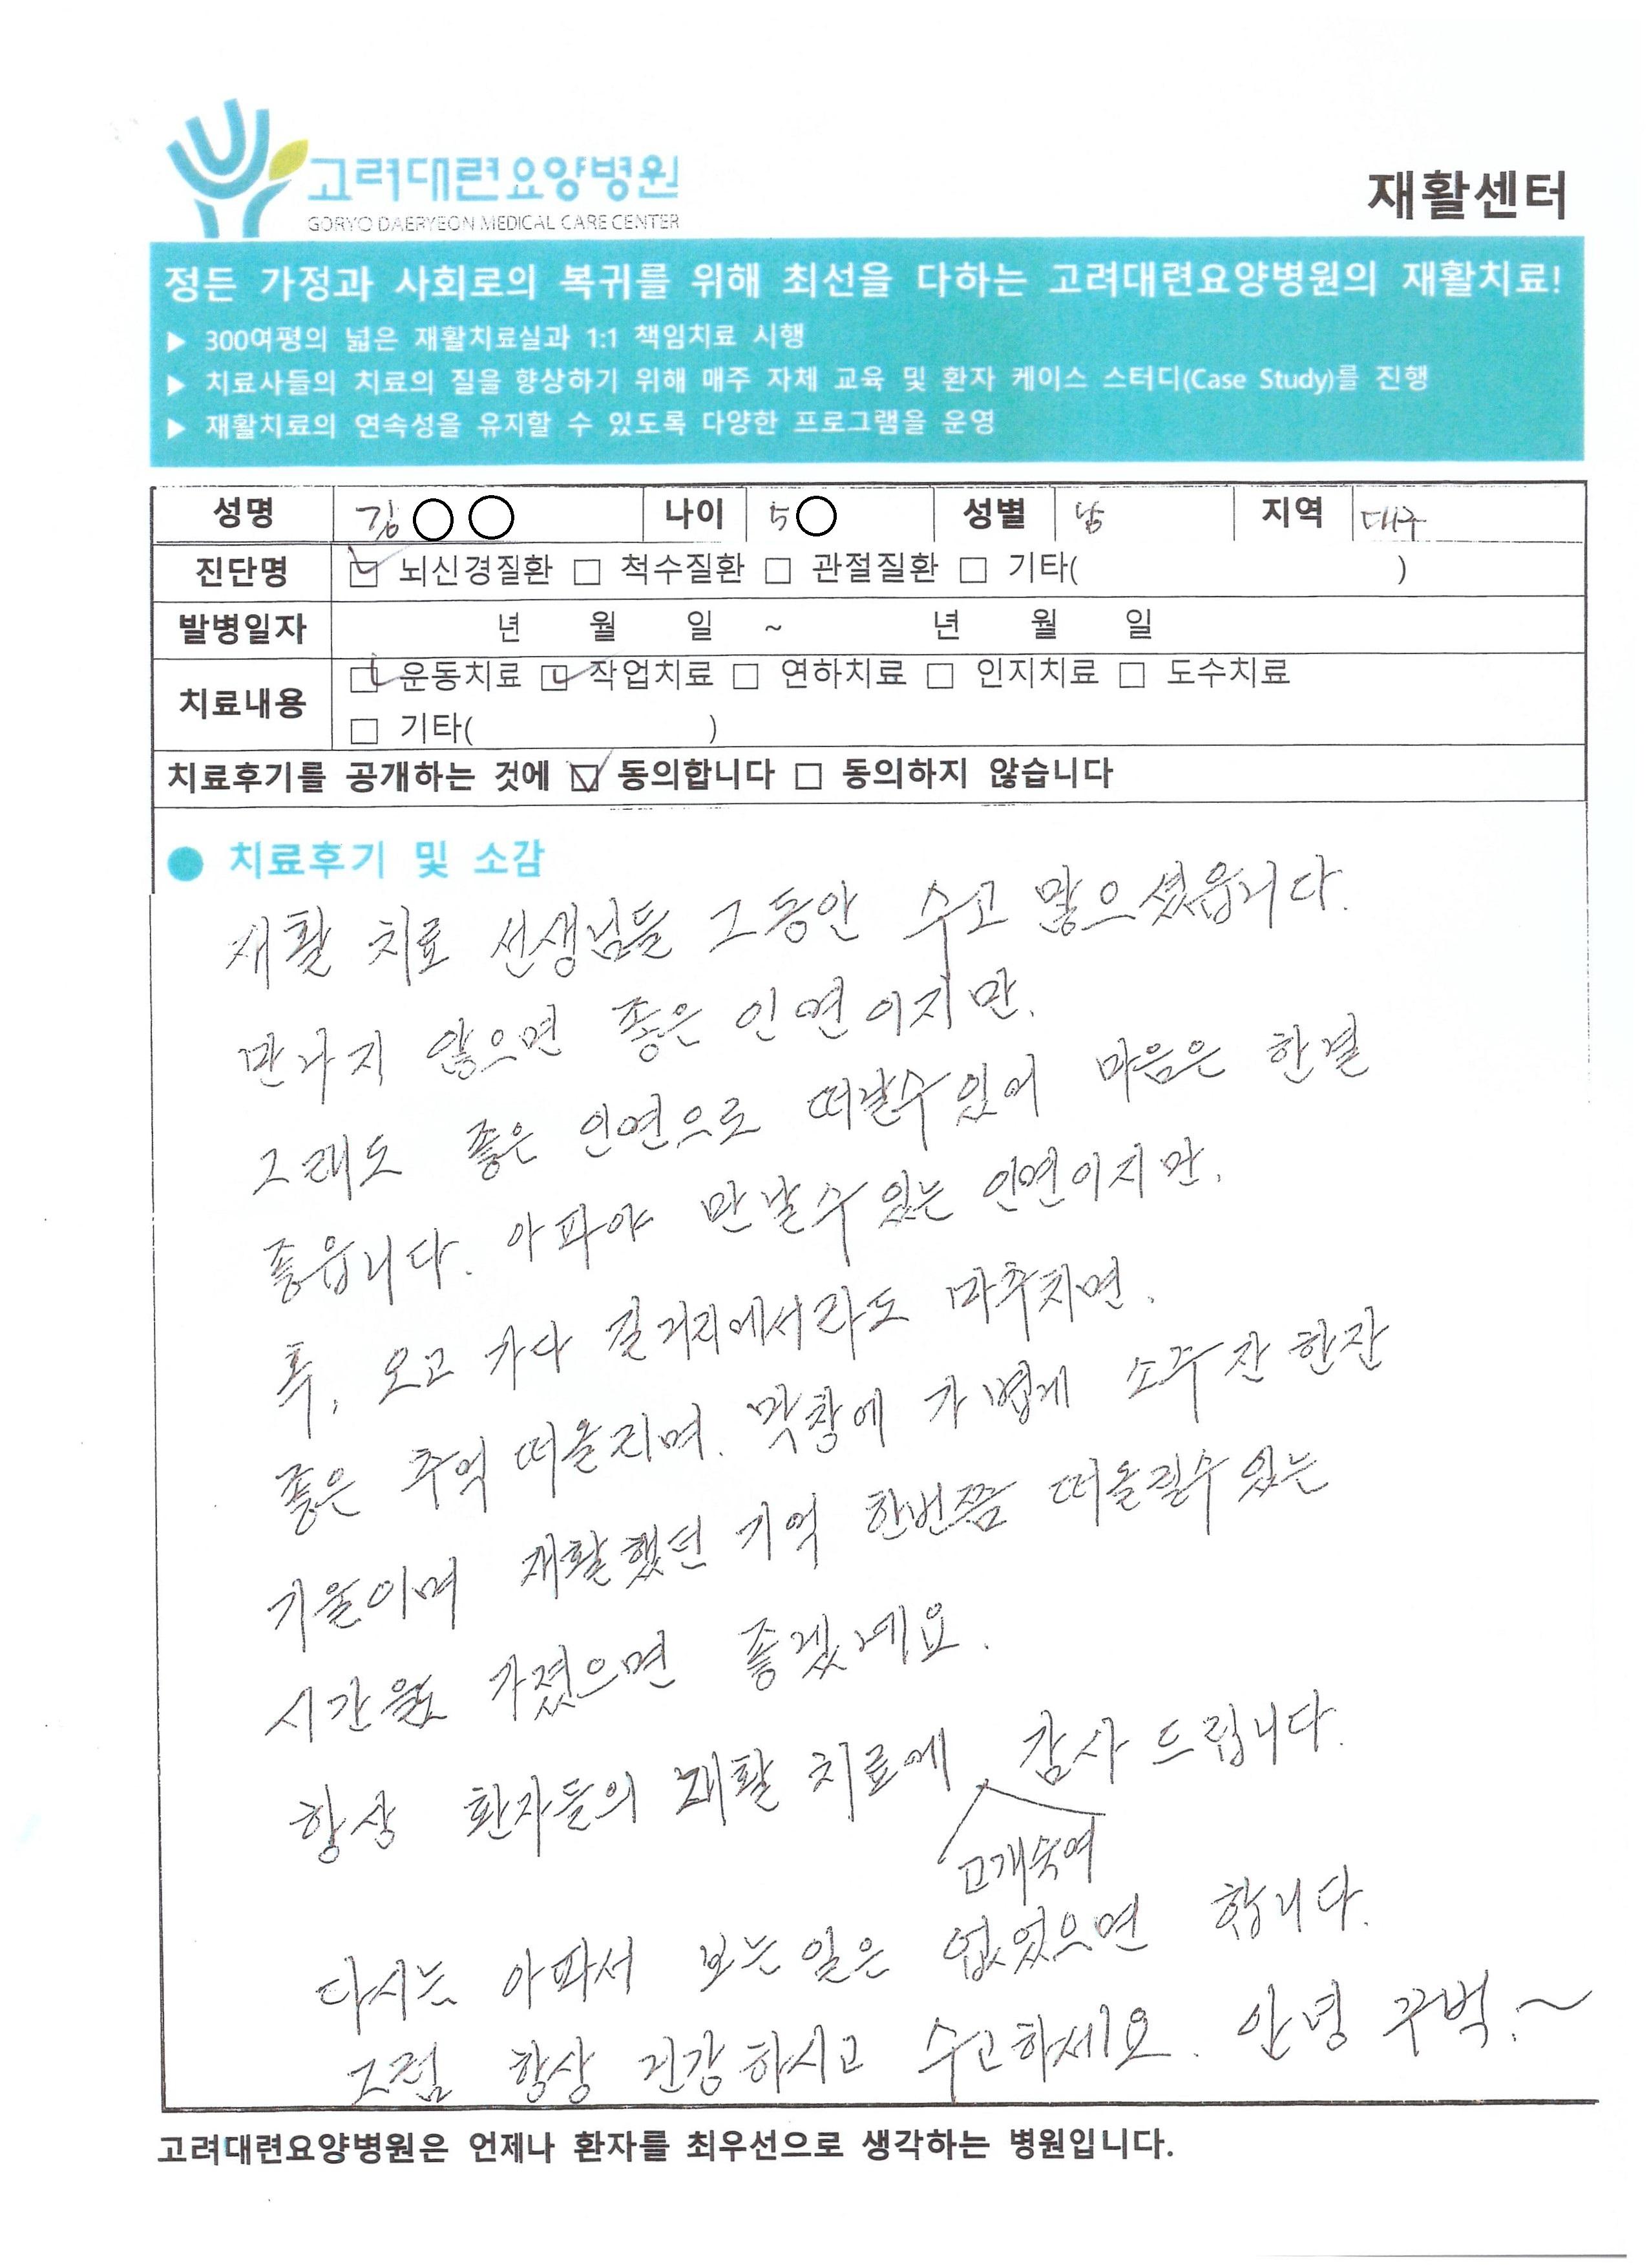 [재활센터] 김OO 치료후기